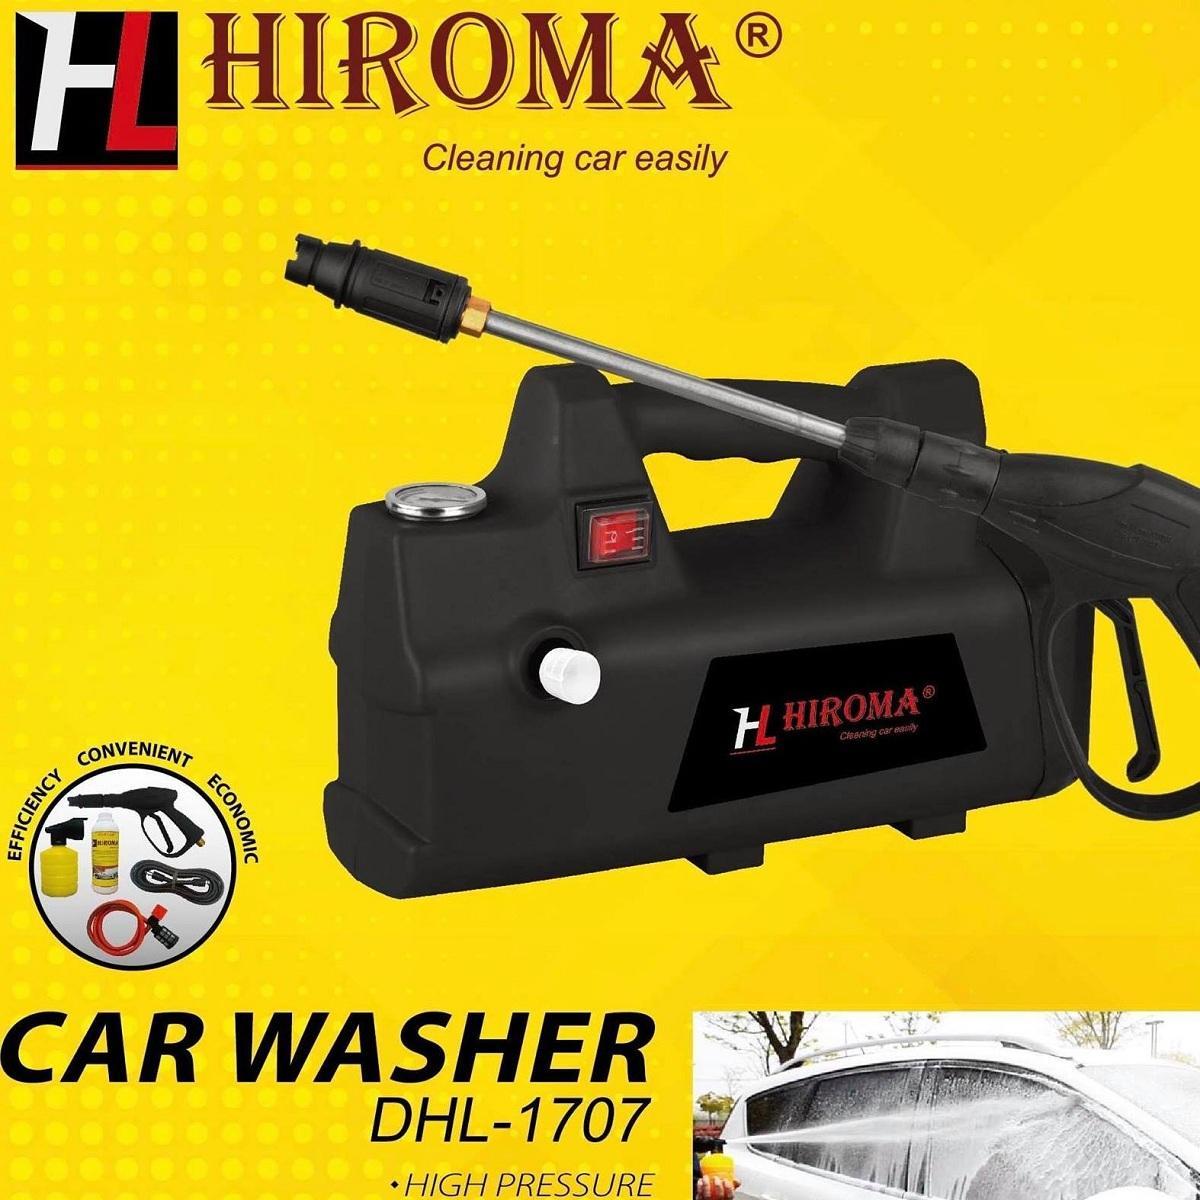 Máy rửa xe áp lực cao chính hãng HIROMA MODEL MỚI NHẤT 2018 động cơ cảm ứng từ êm ái, tự hút nước DÒNG MÁY RỬA XE CAO CẤP ĐƯỢC ƯA CHUỘNG NHẤT